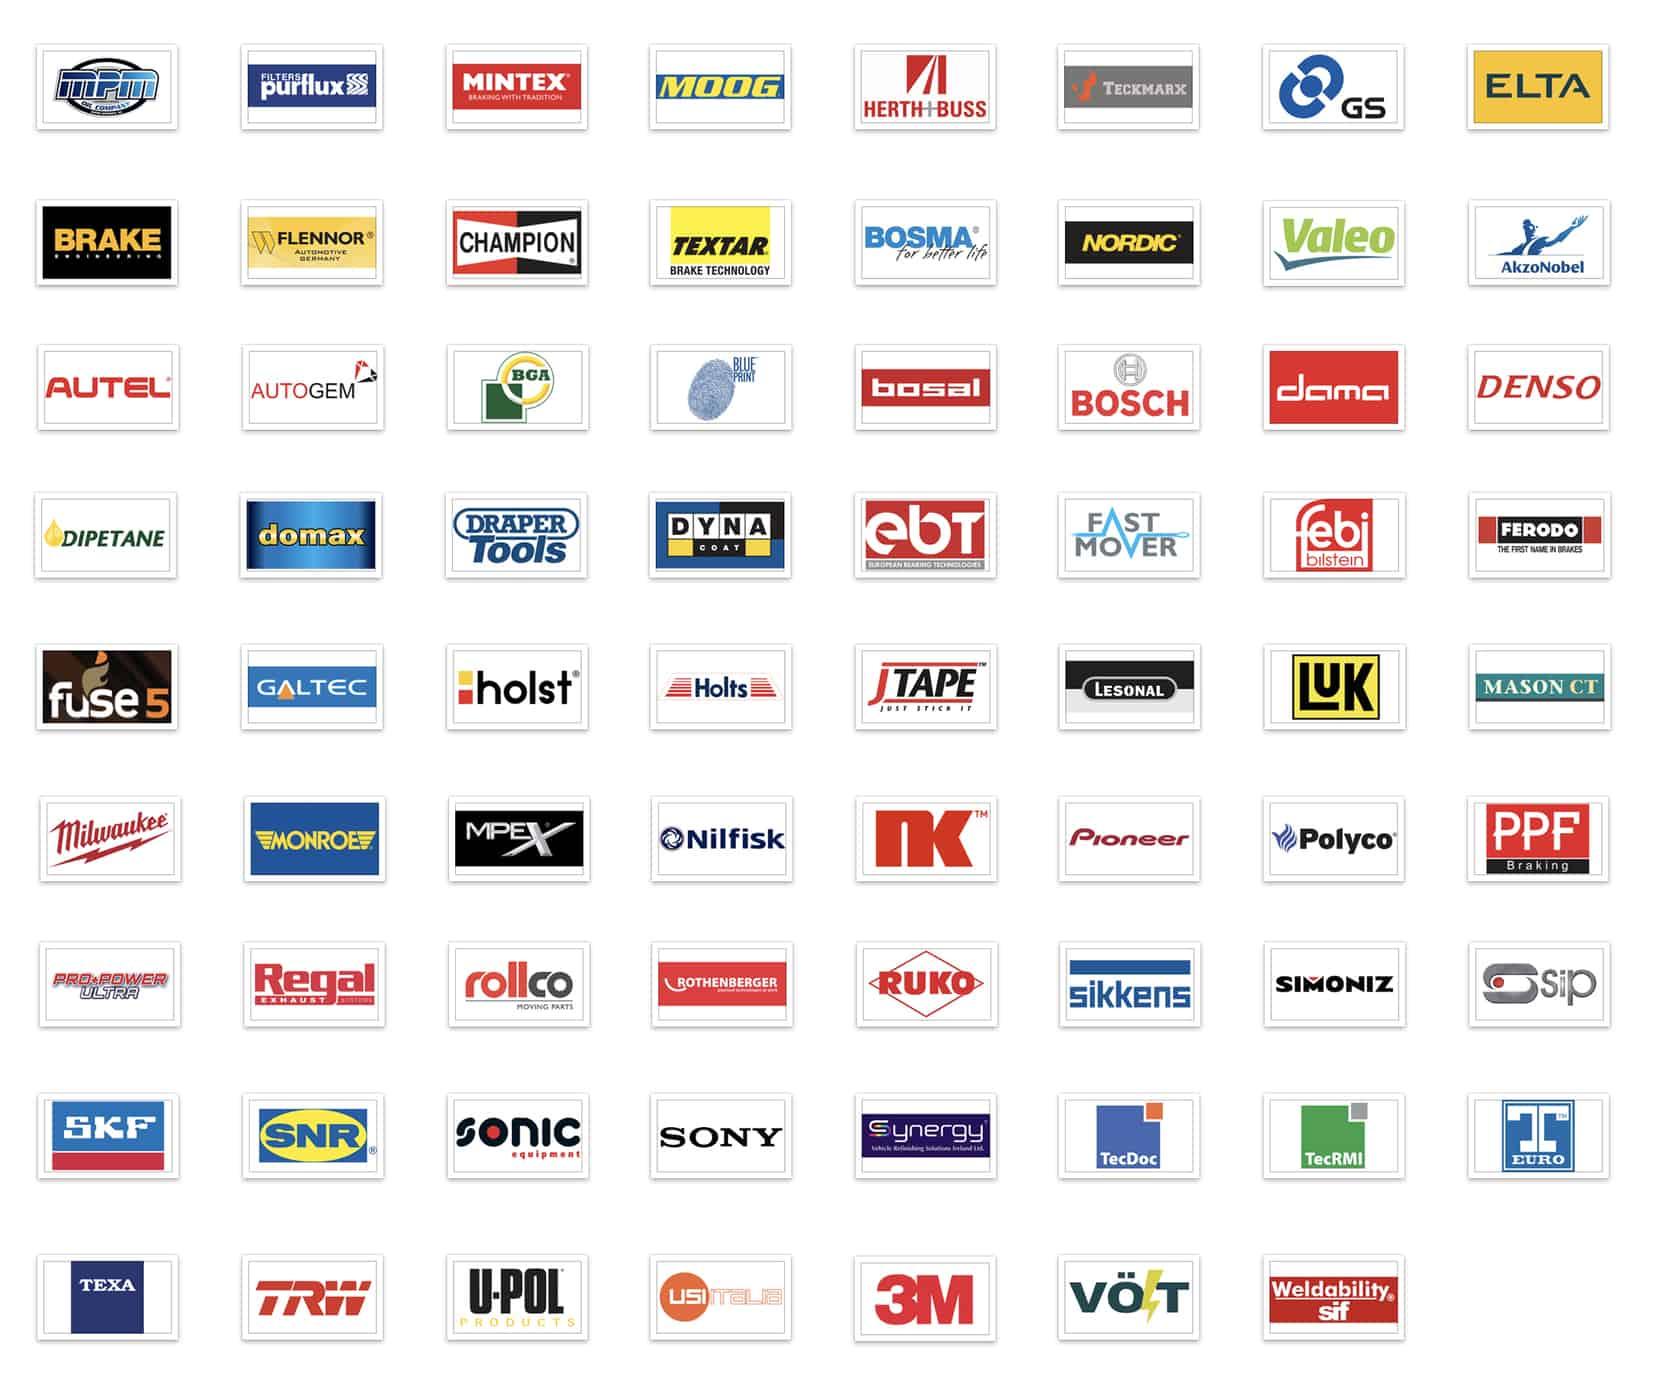 Toppart Brands